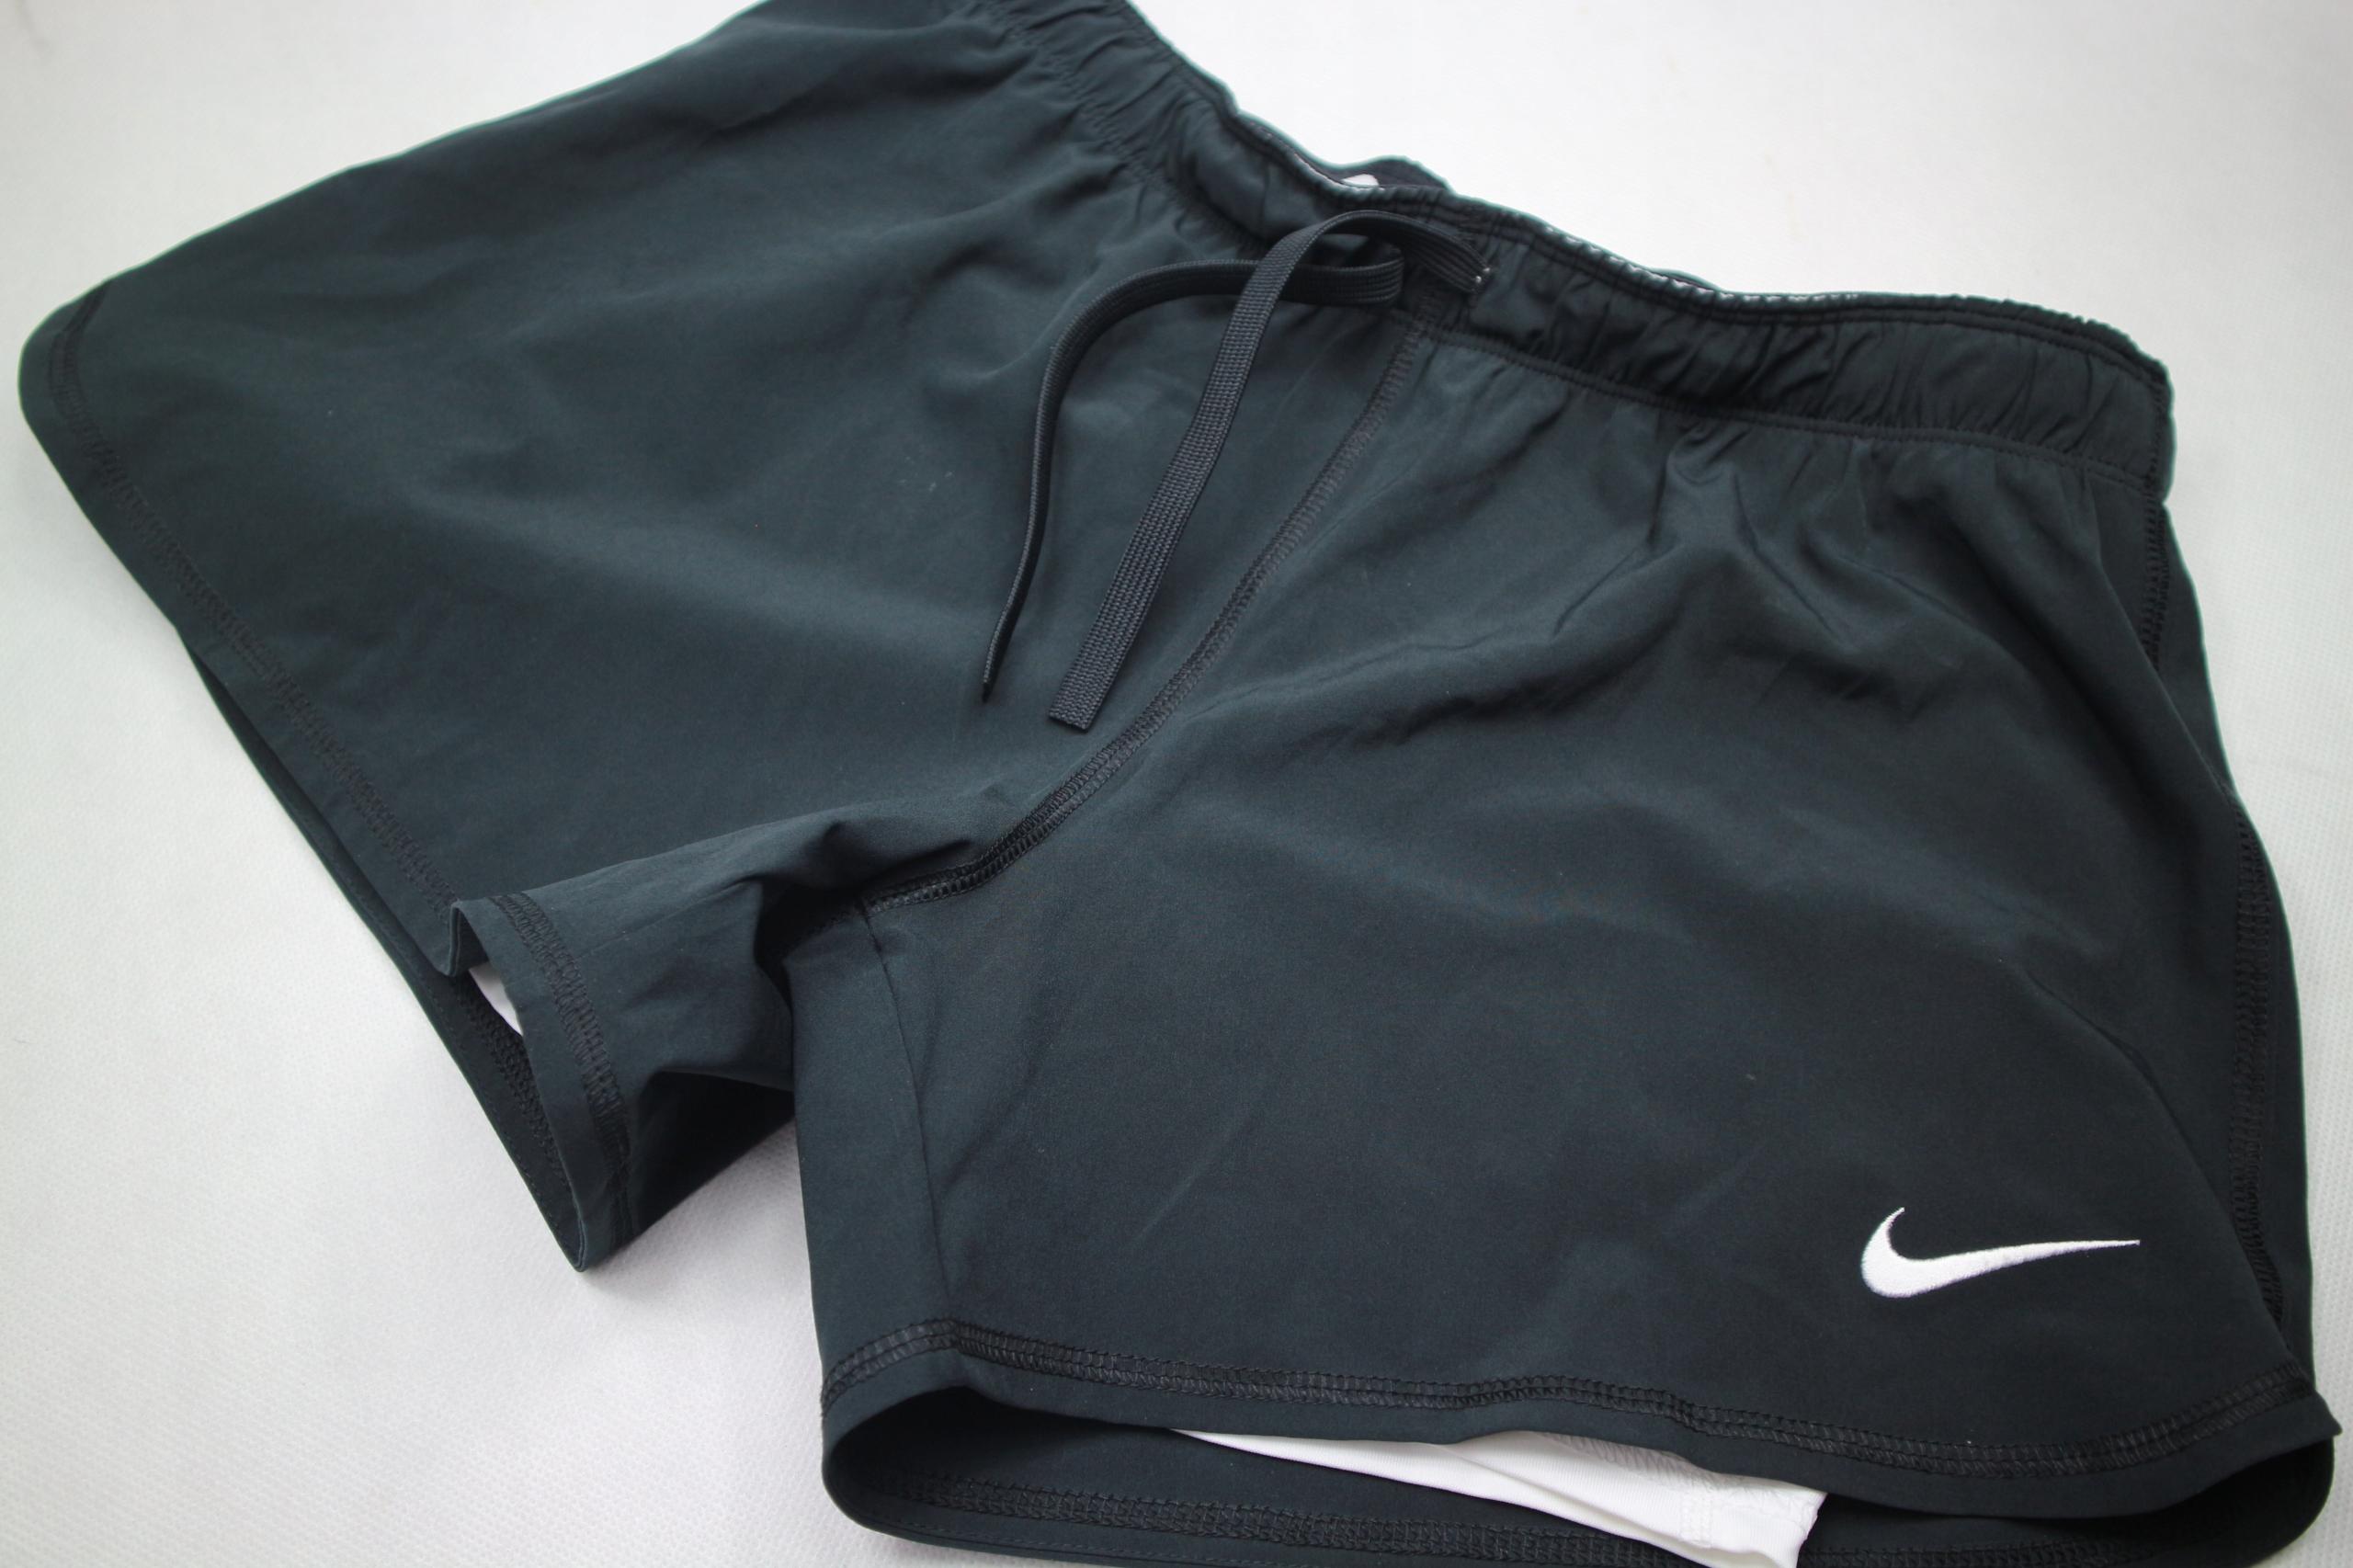 Nike Dri Fit spodenki szorty 2w1 biegowe S